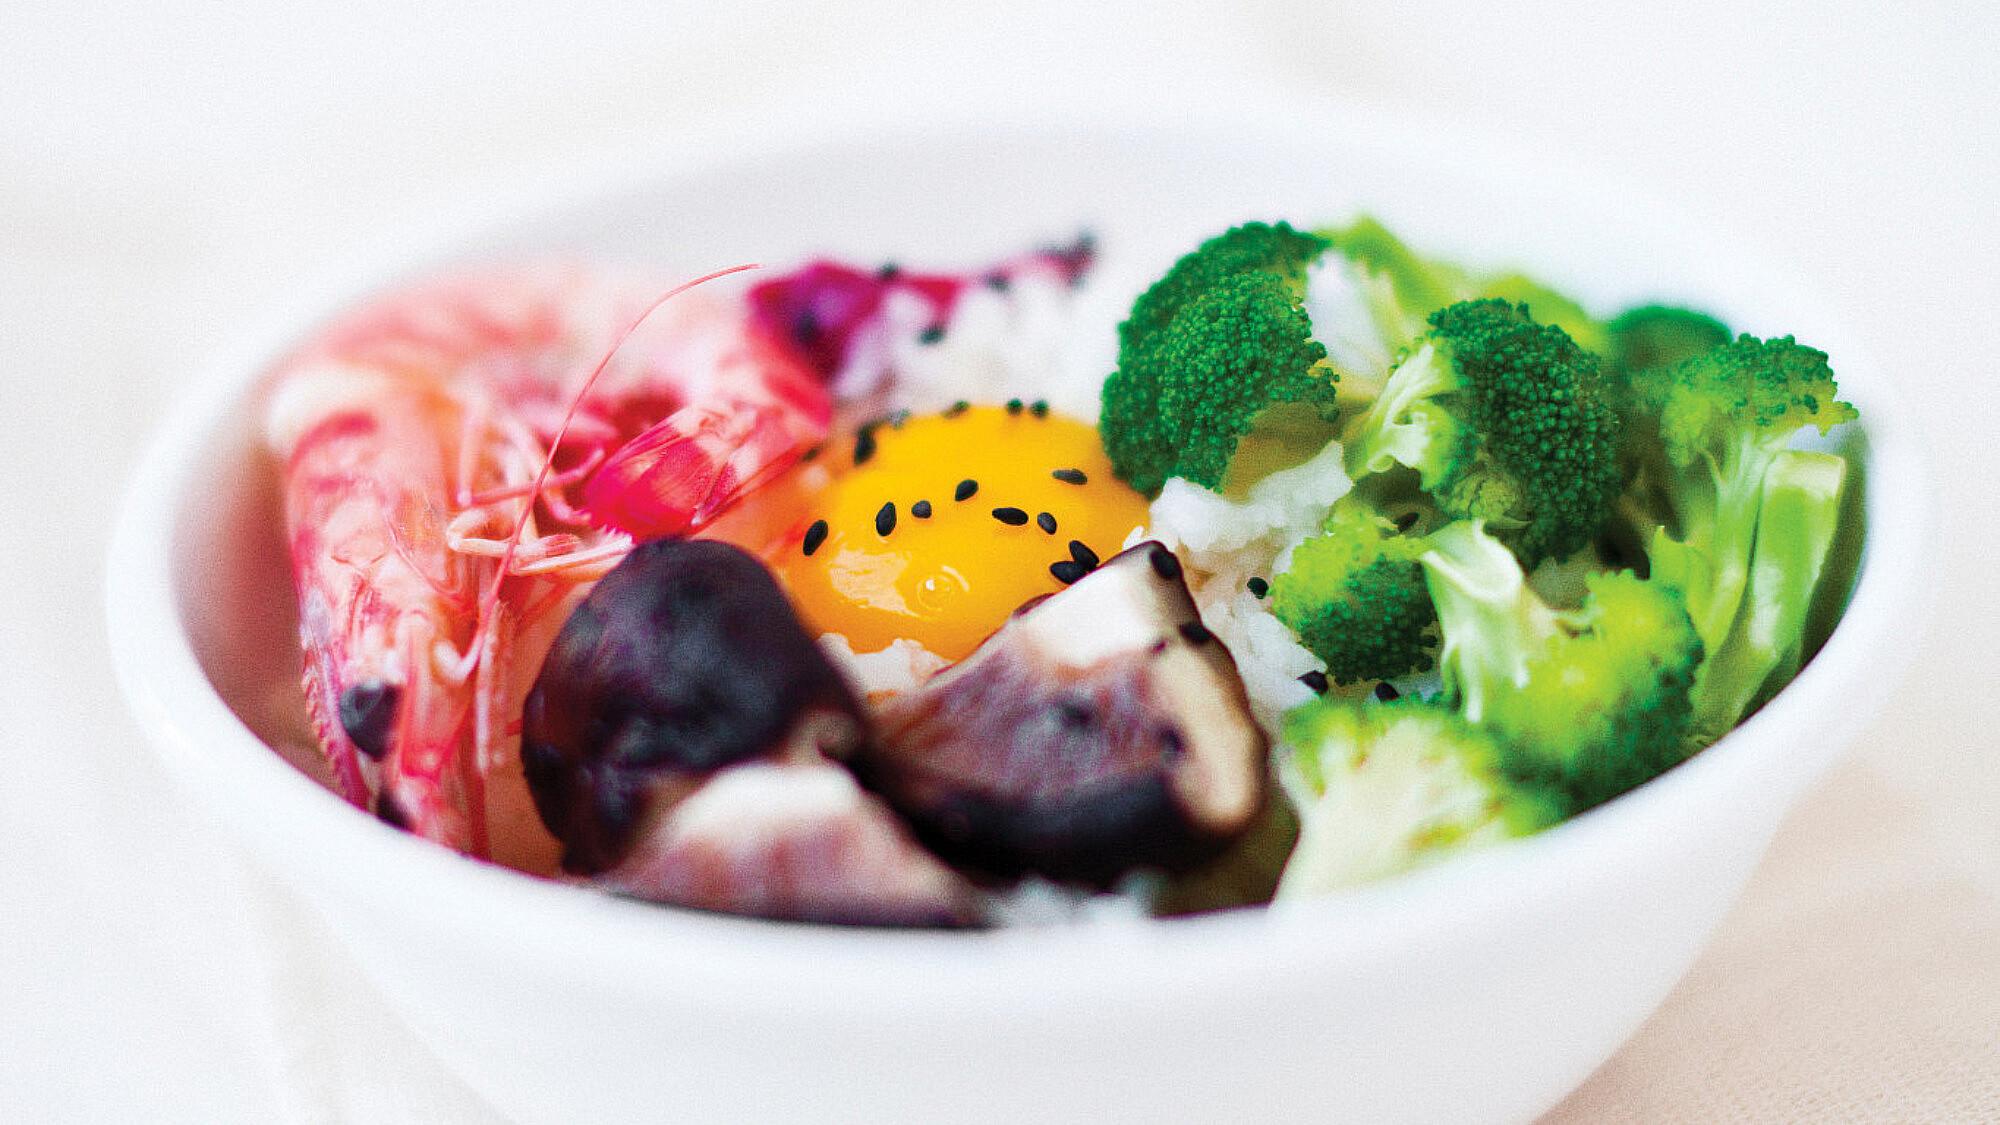 ארוחת אורז בקערה של אוריה גבע (צילום: אילון פז)